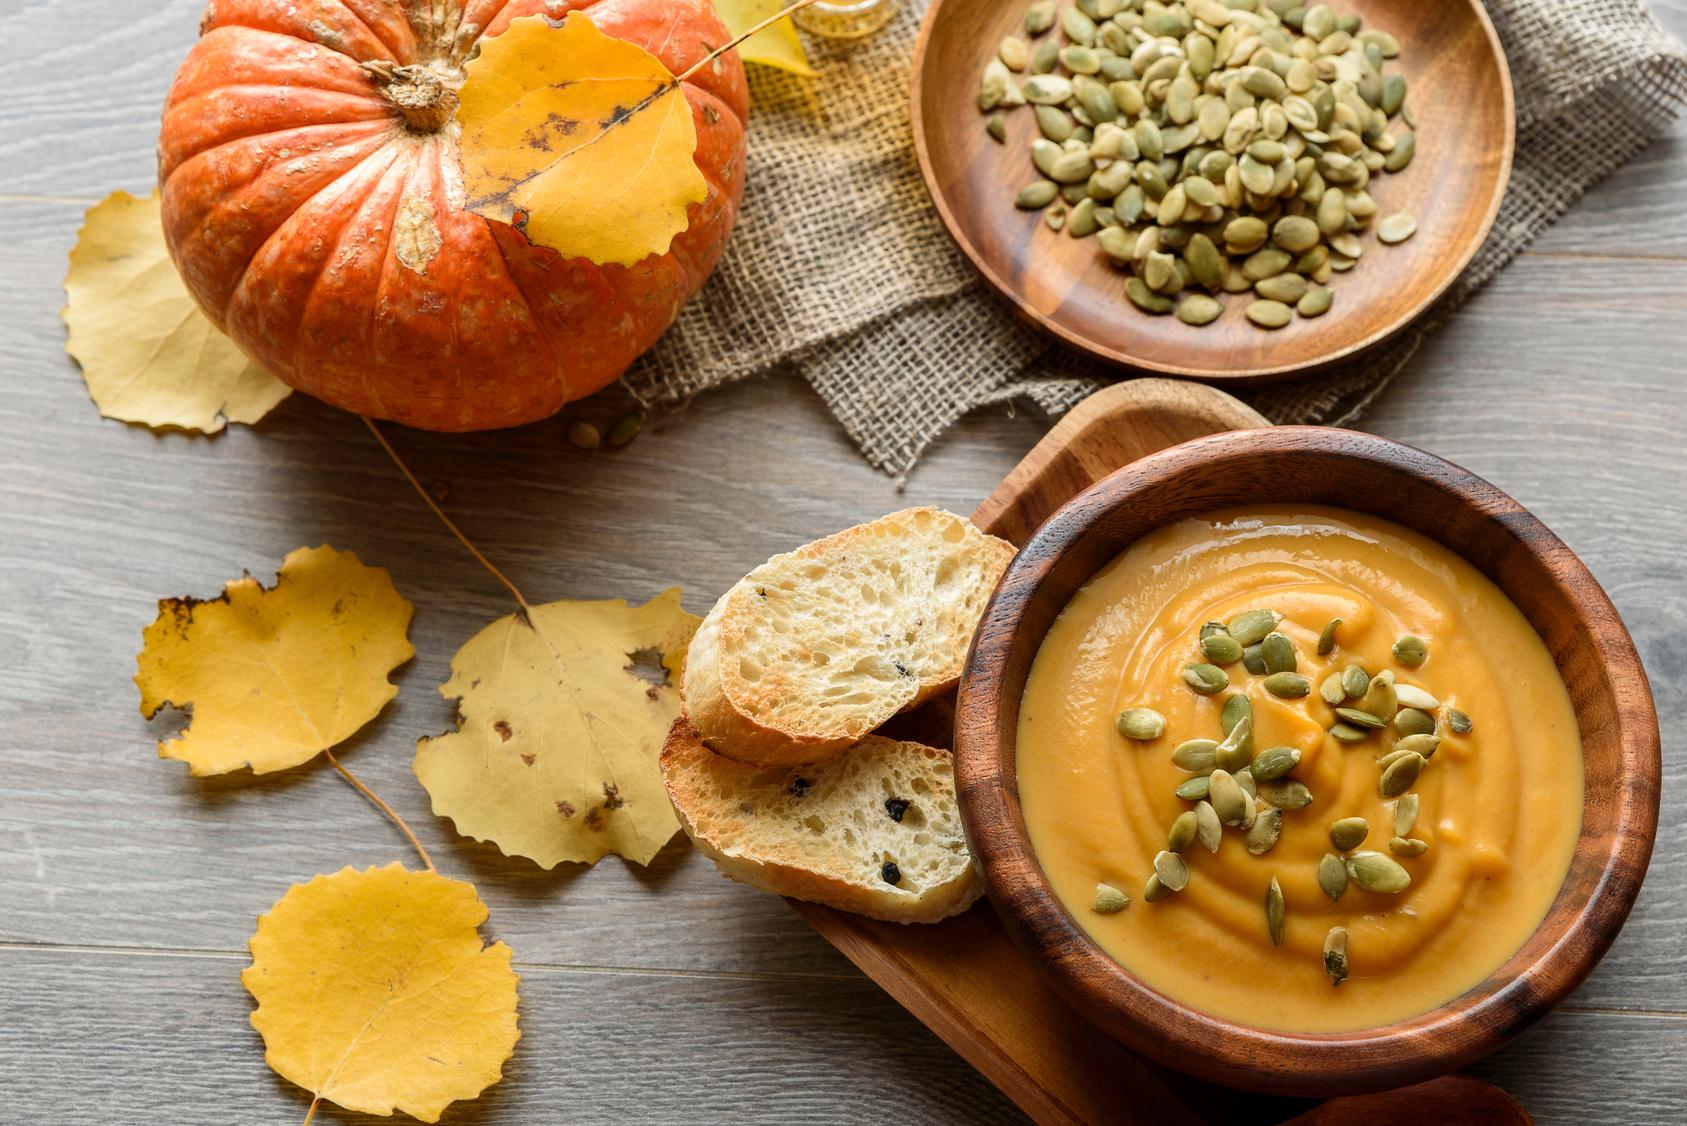 Pyszna i rozgrzewająca zupa dyniowa